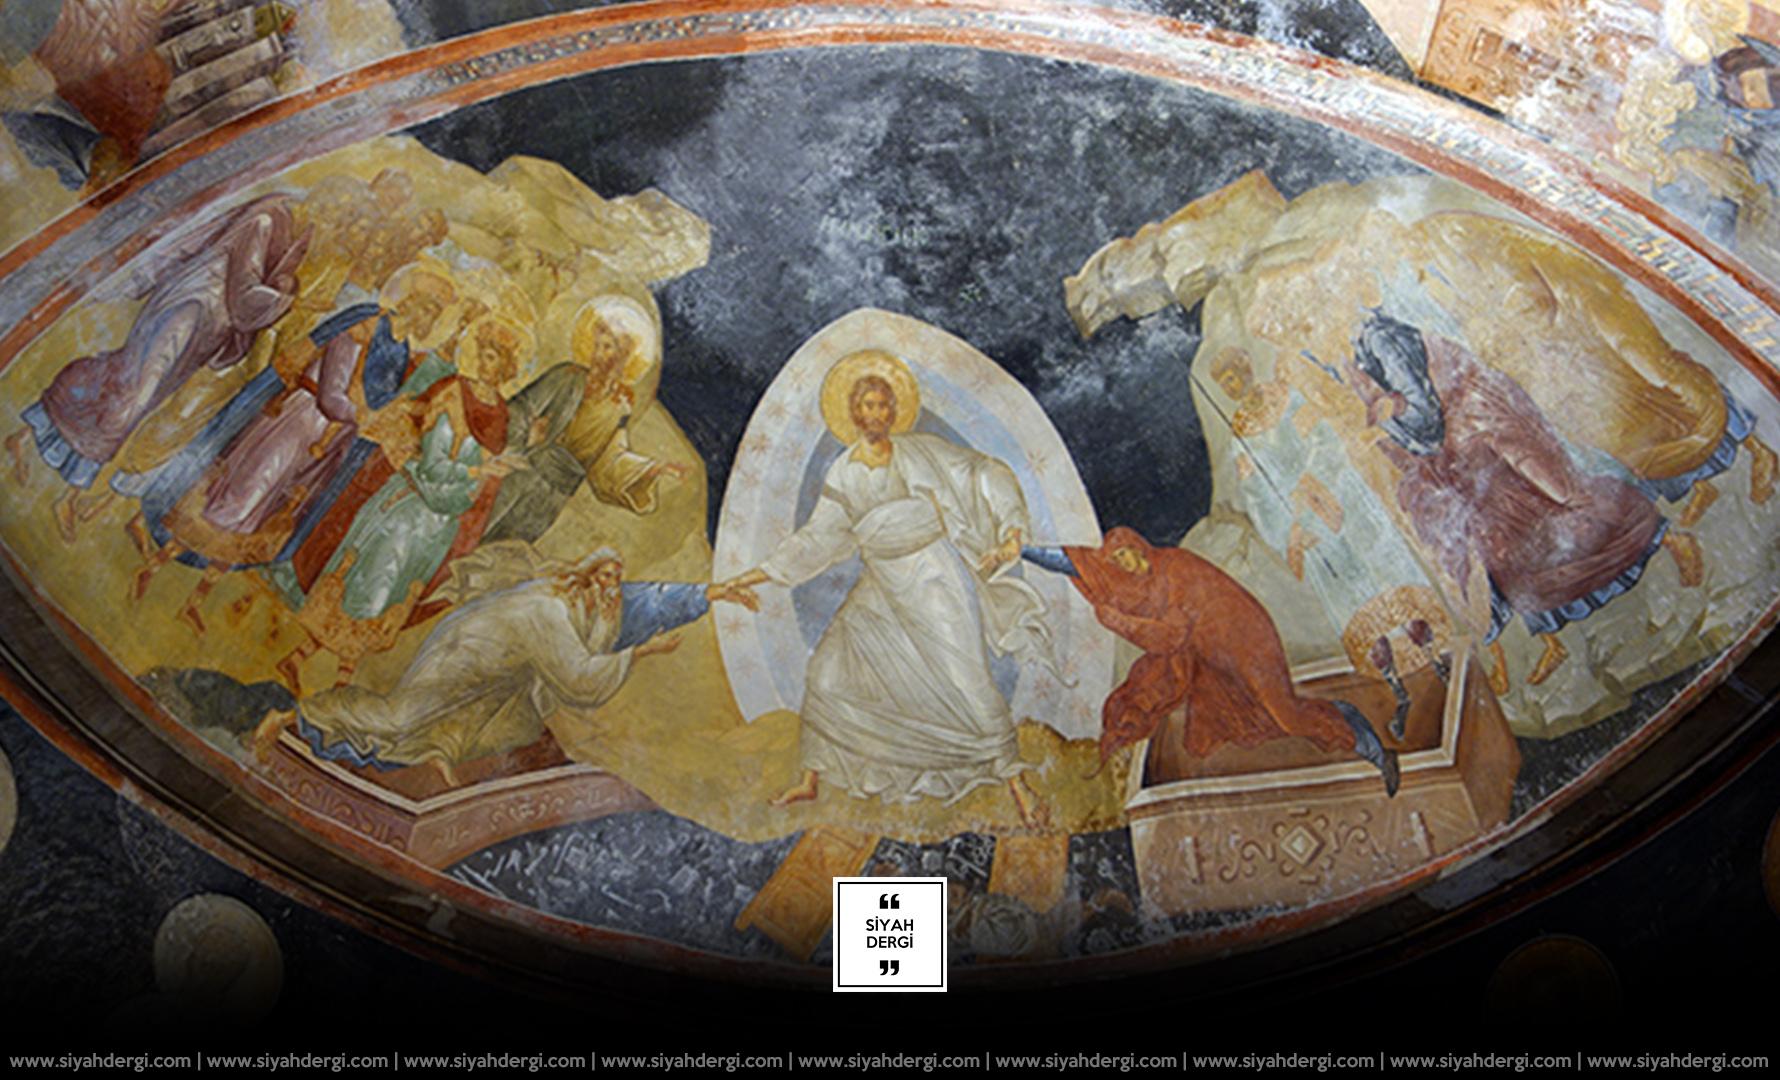 Bizans Sanatına Giriş